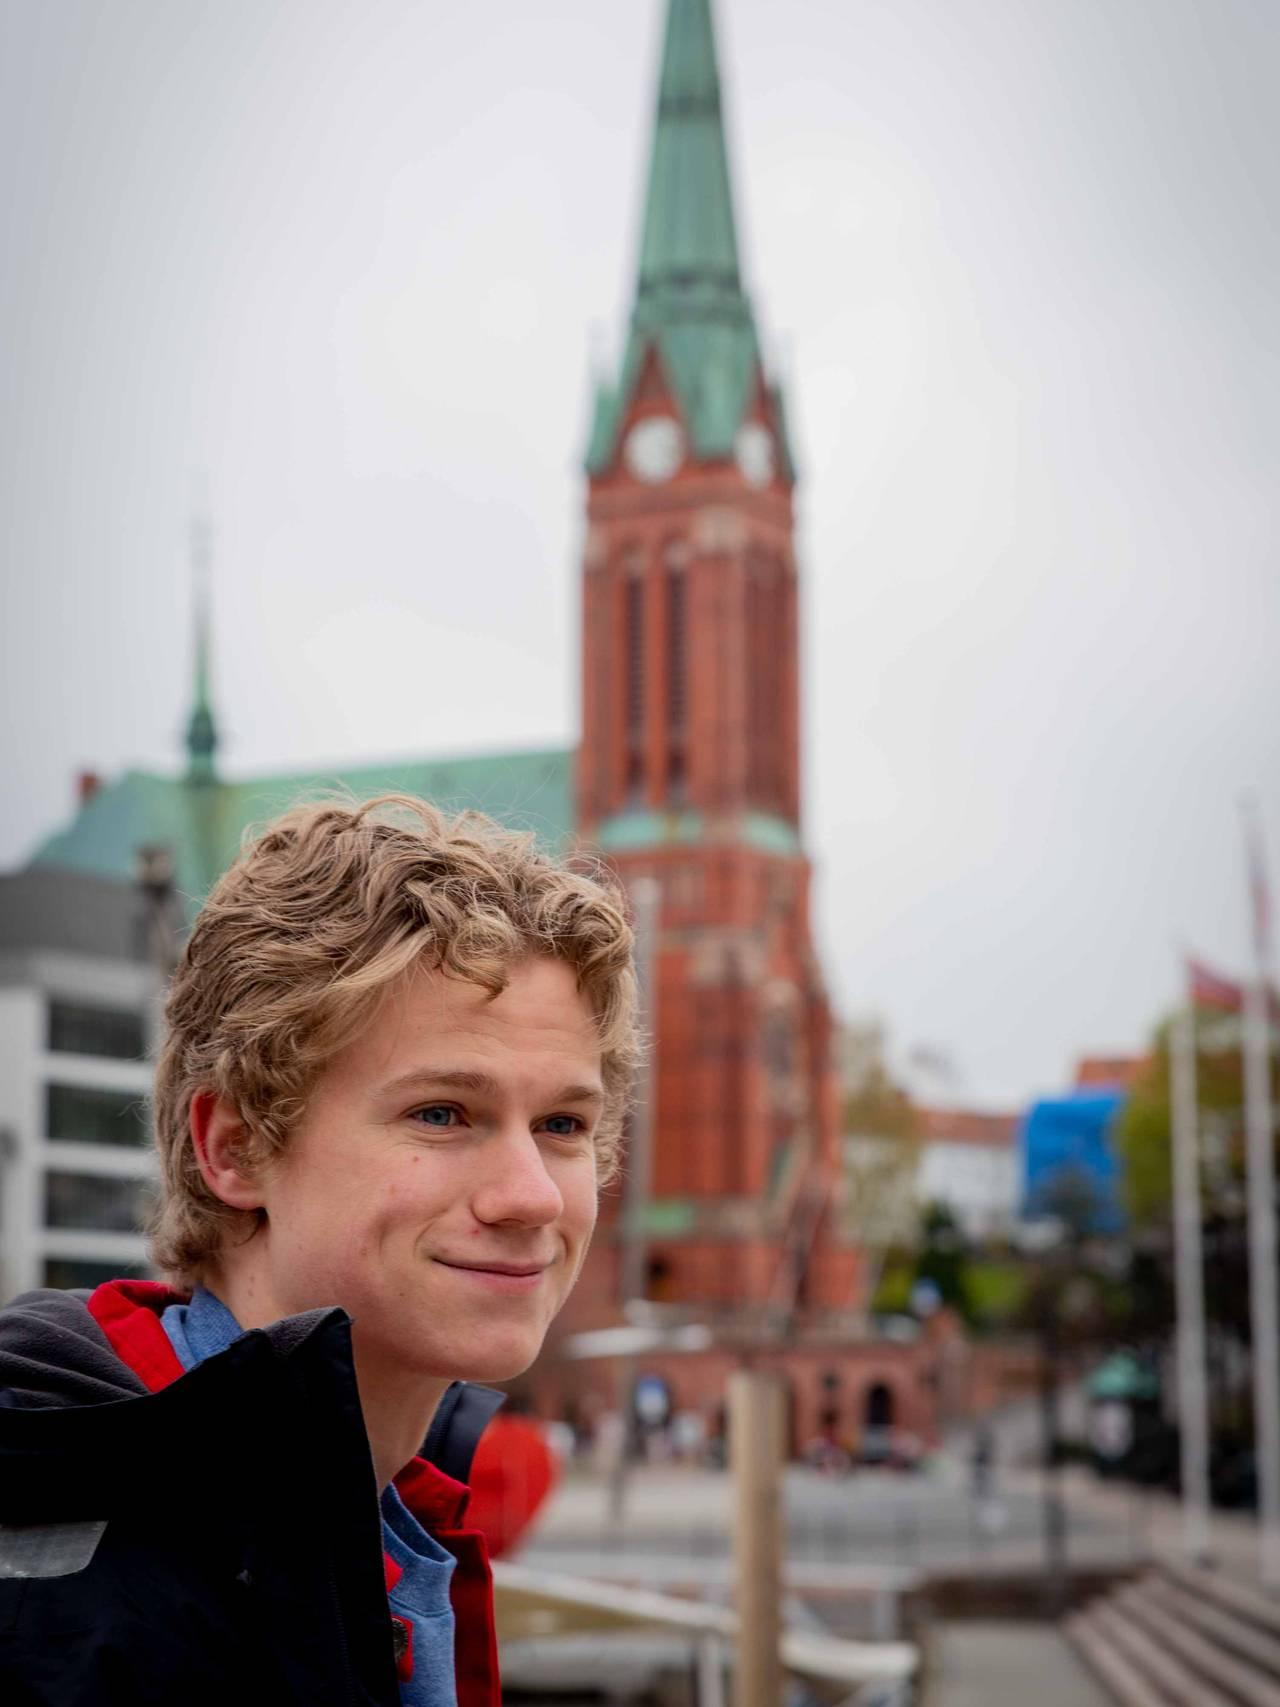 Lucas Fagervik